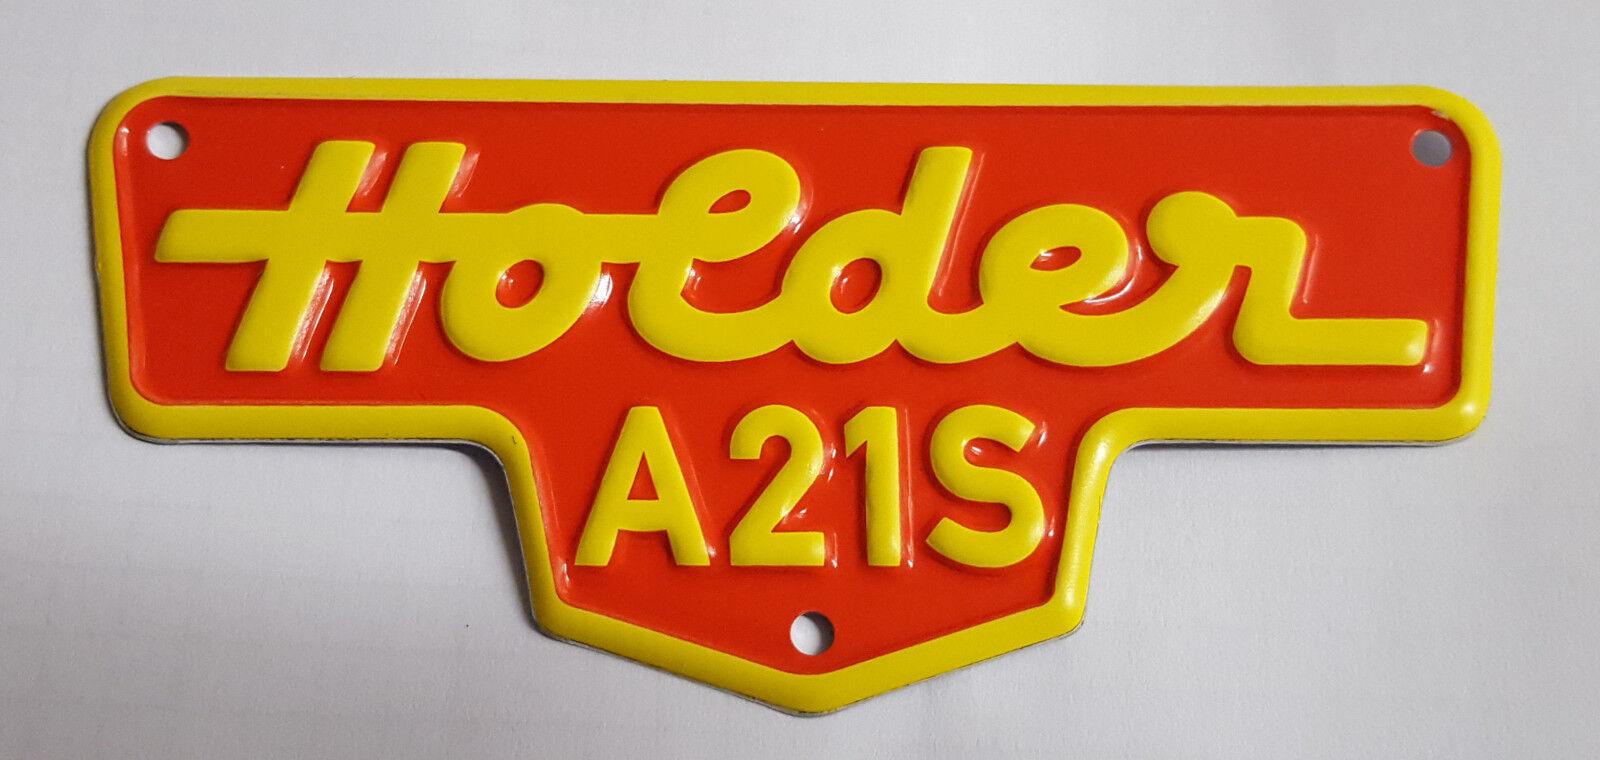 Schild für Holder A21S Typenschild Blechschild Amaturenschild 118578